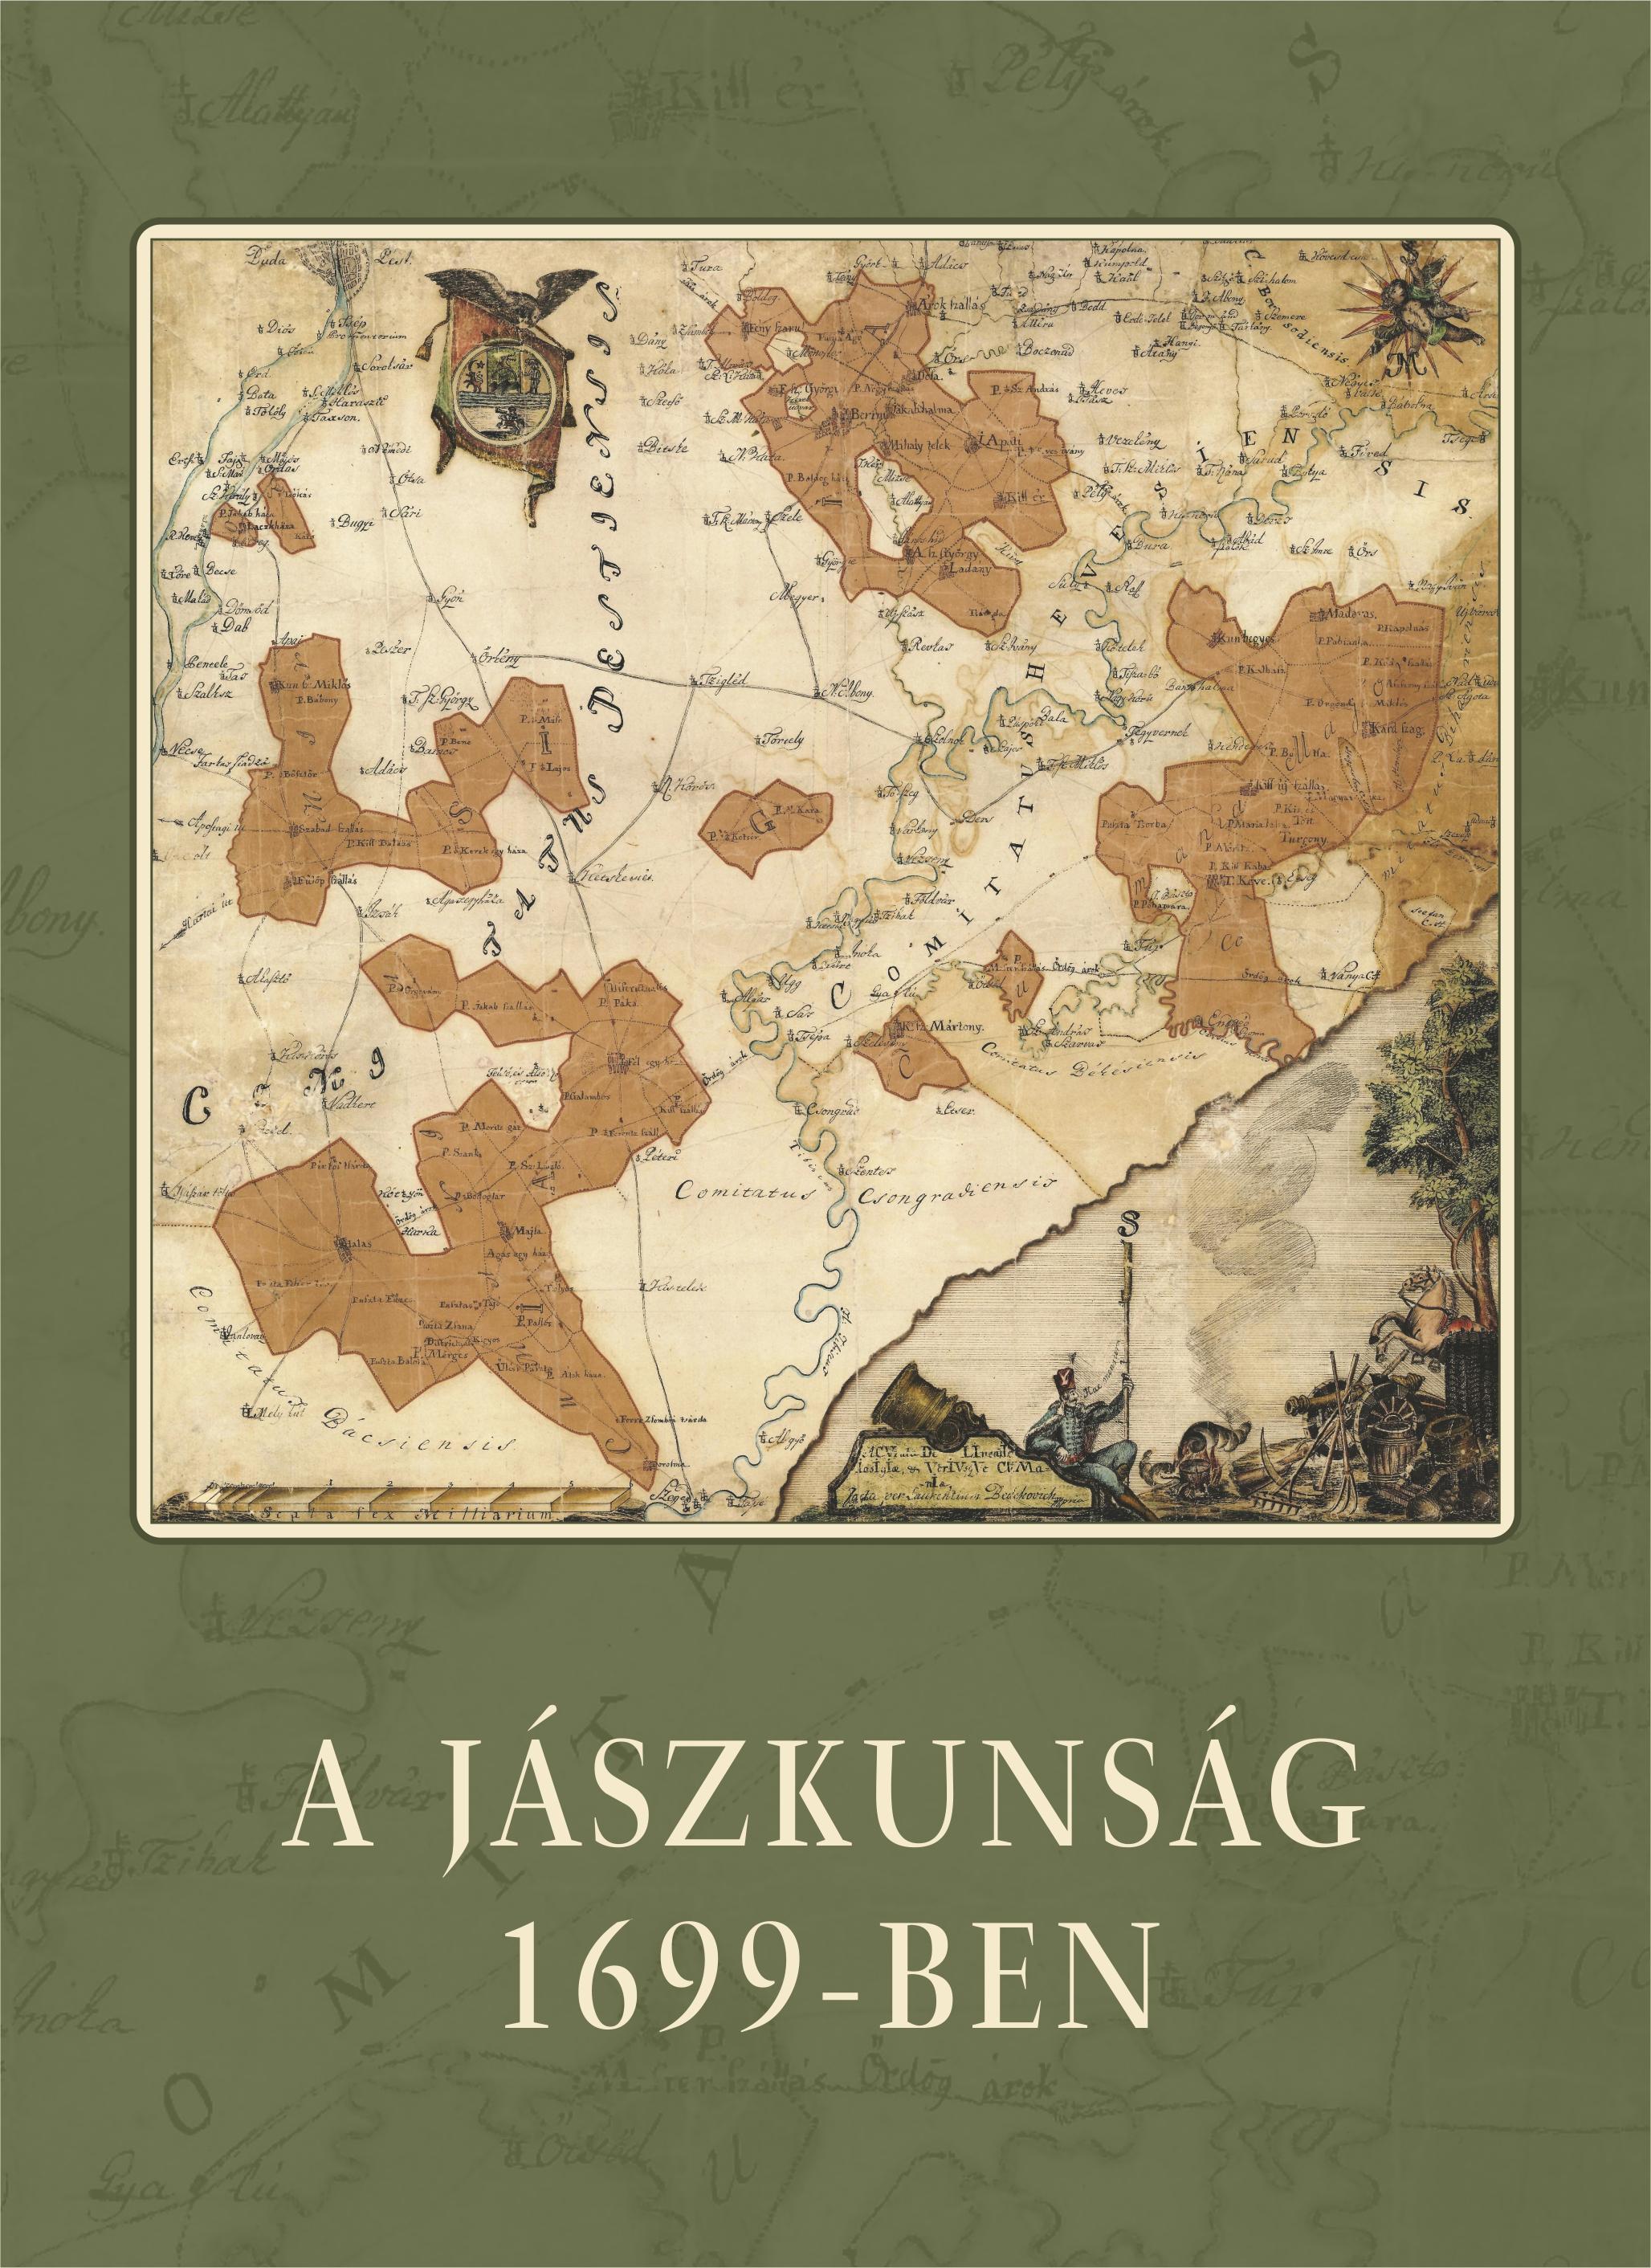 A JÁSZKUNSÁG 1699-BEN